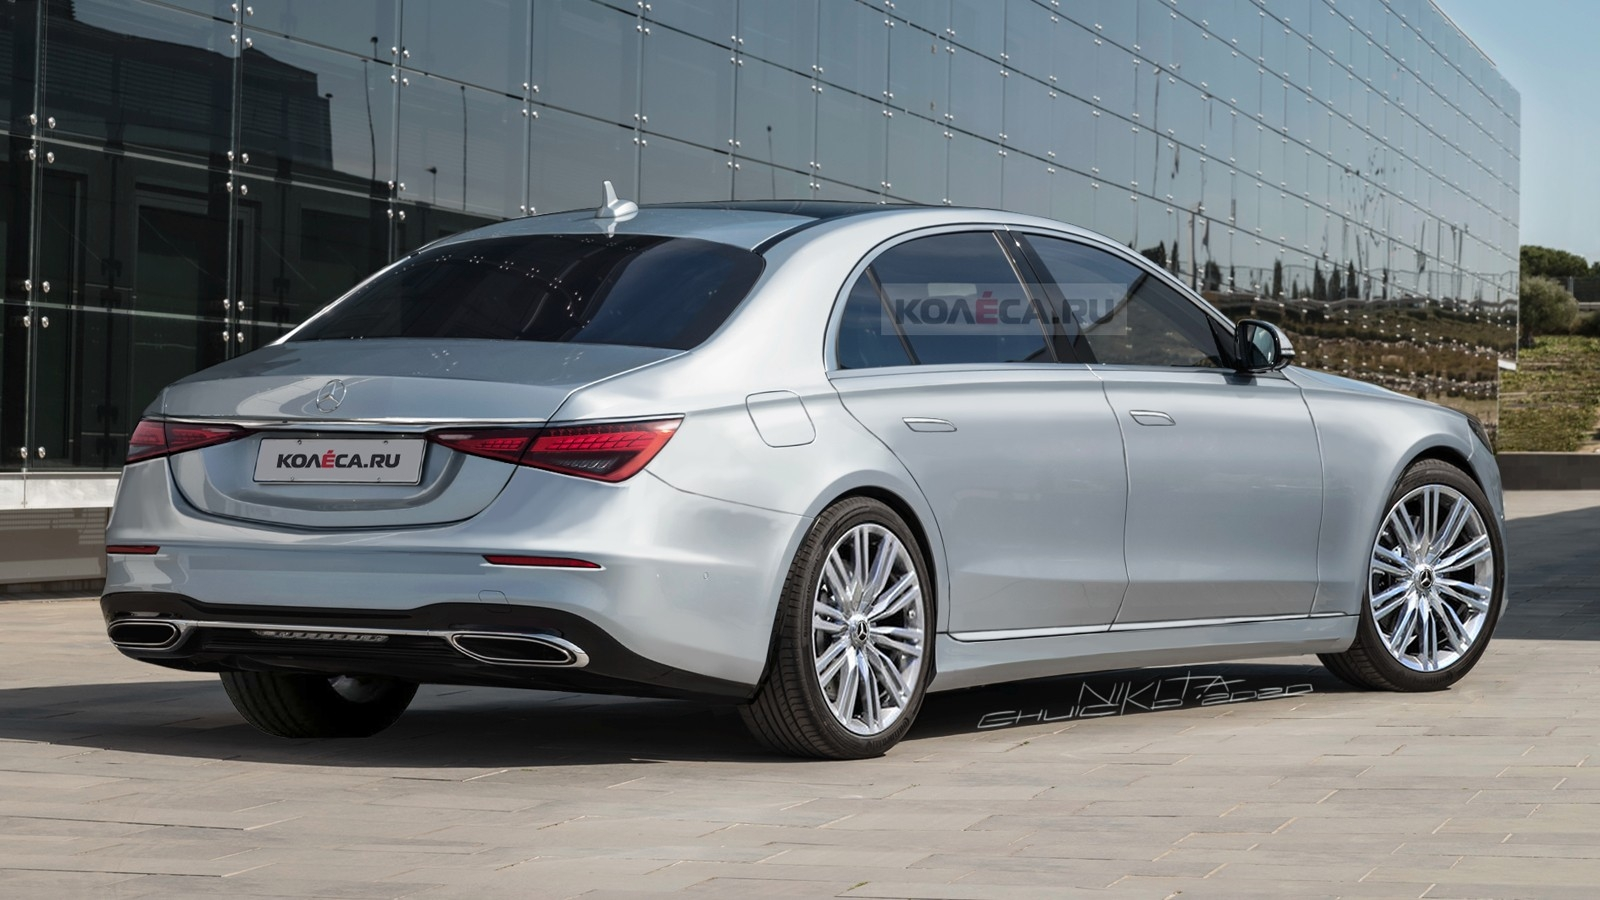 Mercedes Classe S 2021 render Kolesa